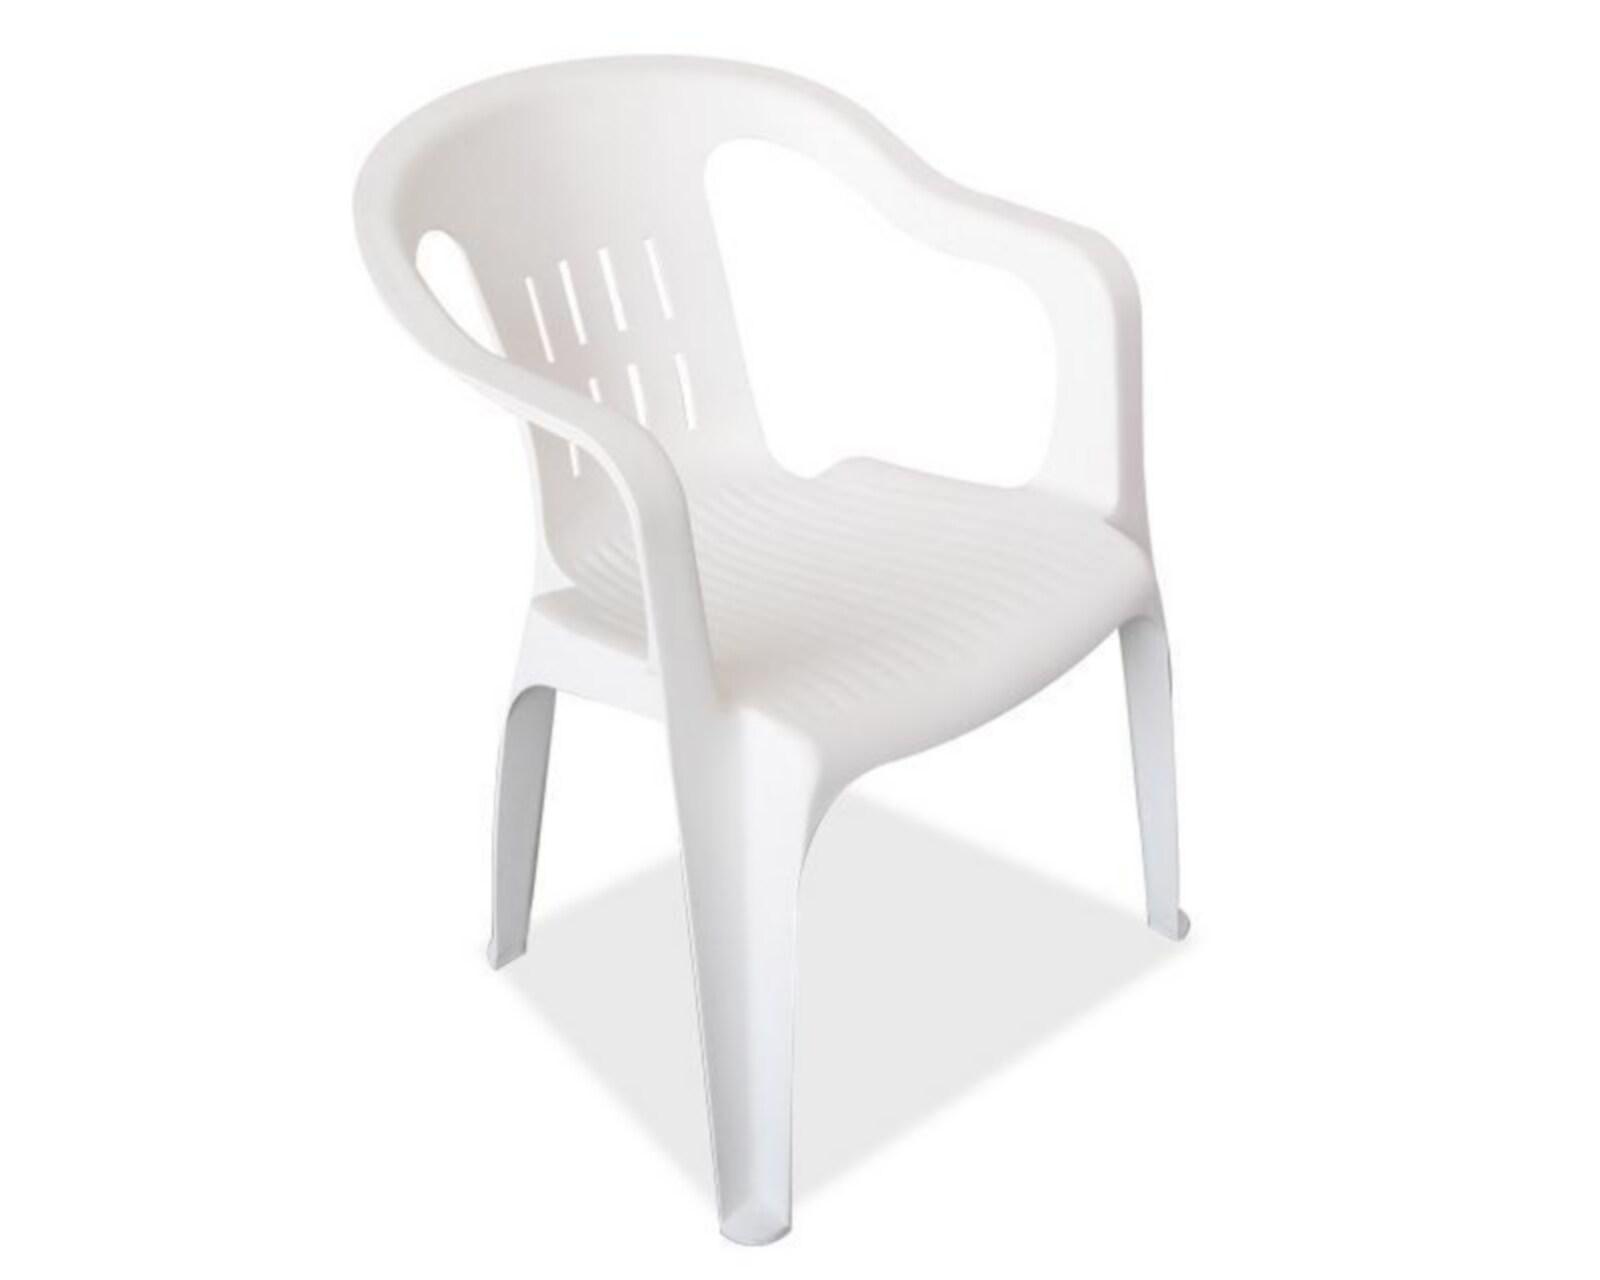 Silla confort chapala de pl stico 3834223 coppel - Sillas para jardin de plastico ...